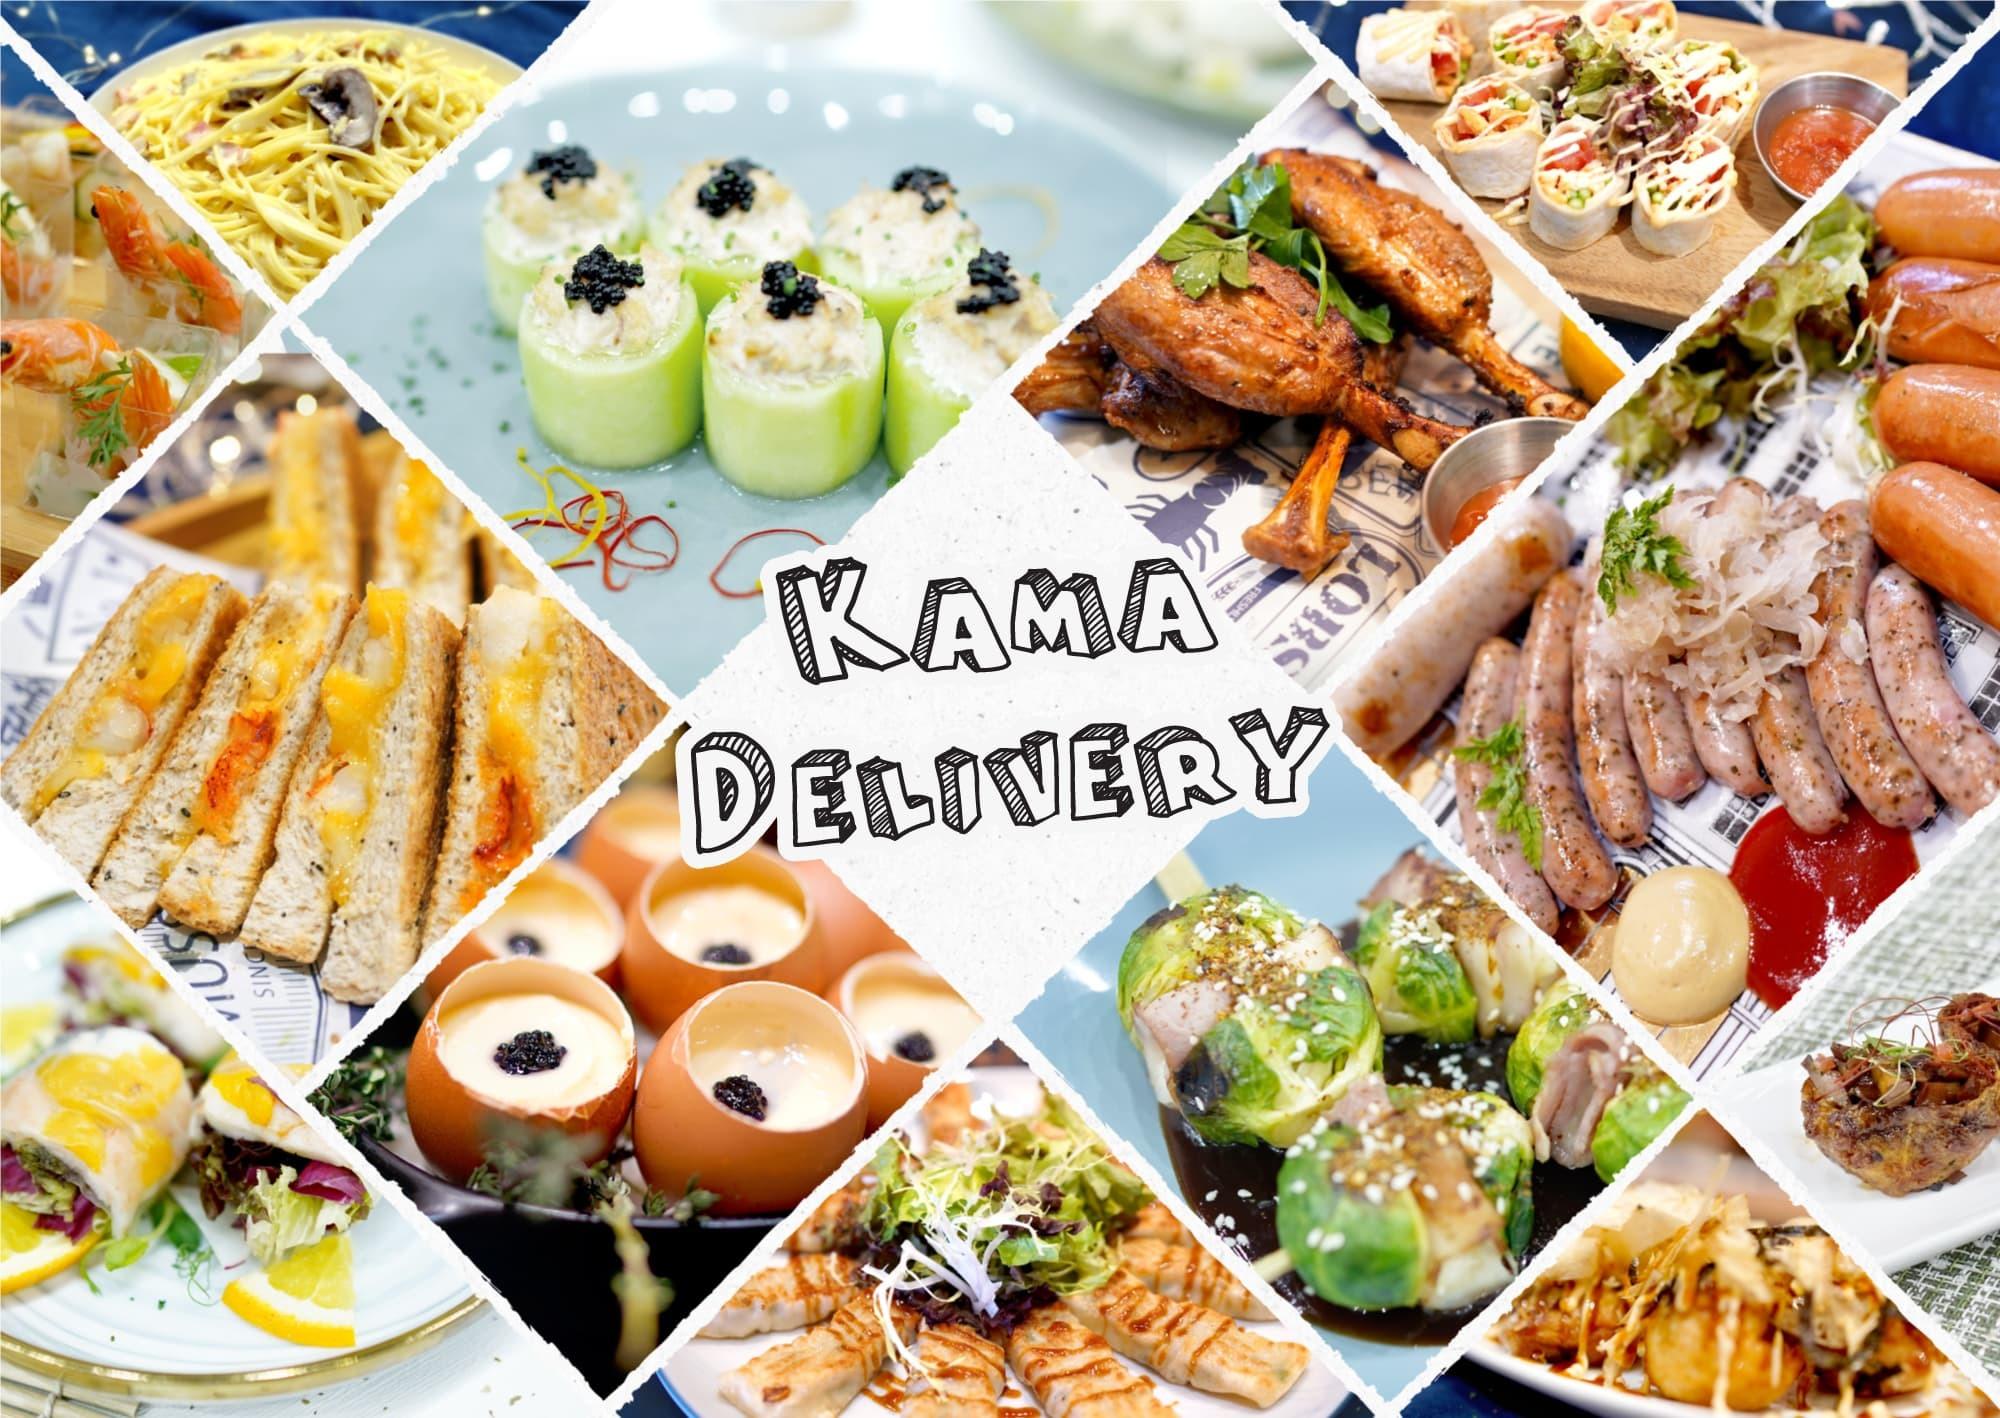 57人外賣套餐預訂|Kama Delivery為57人Party製作各款西式食品,並可為你的派對度身訂造個性化餐單及按人數調整美食數量。